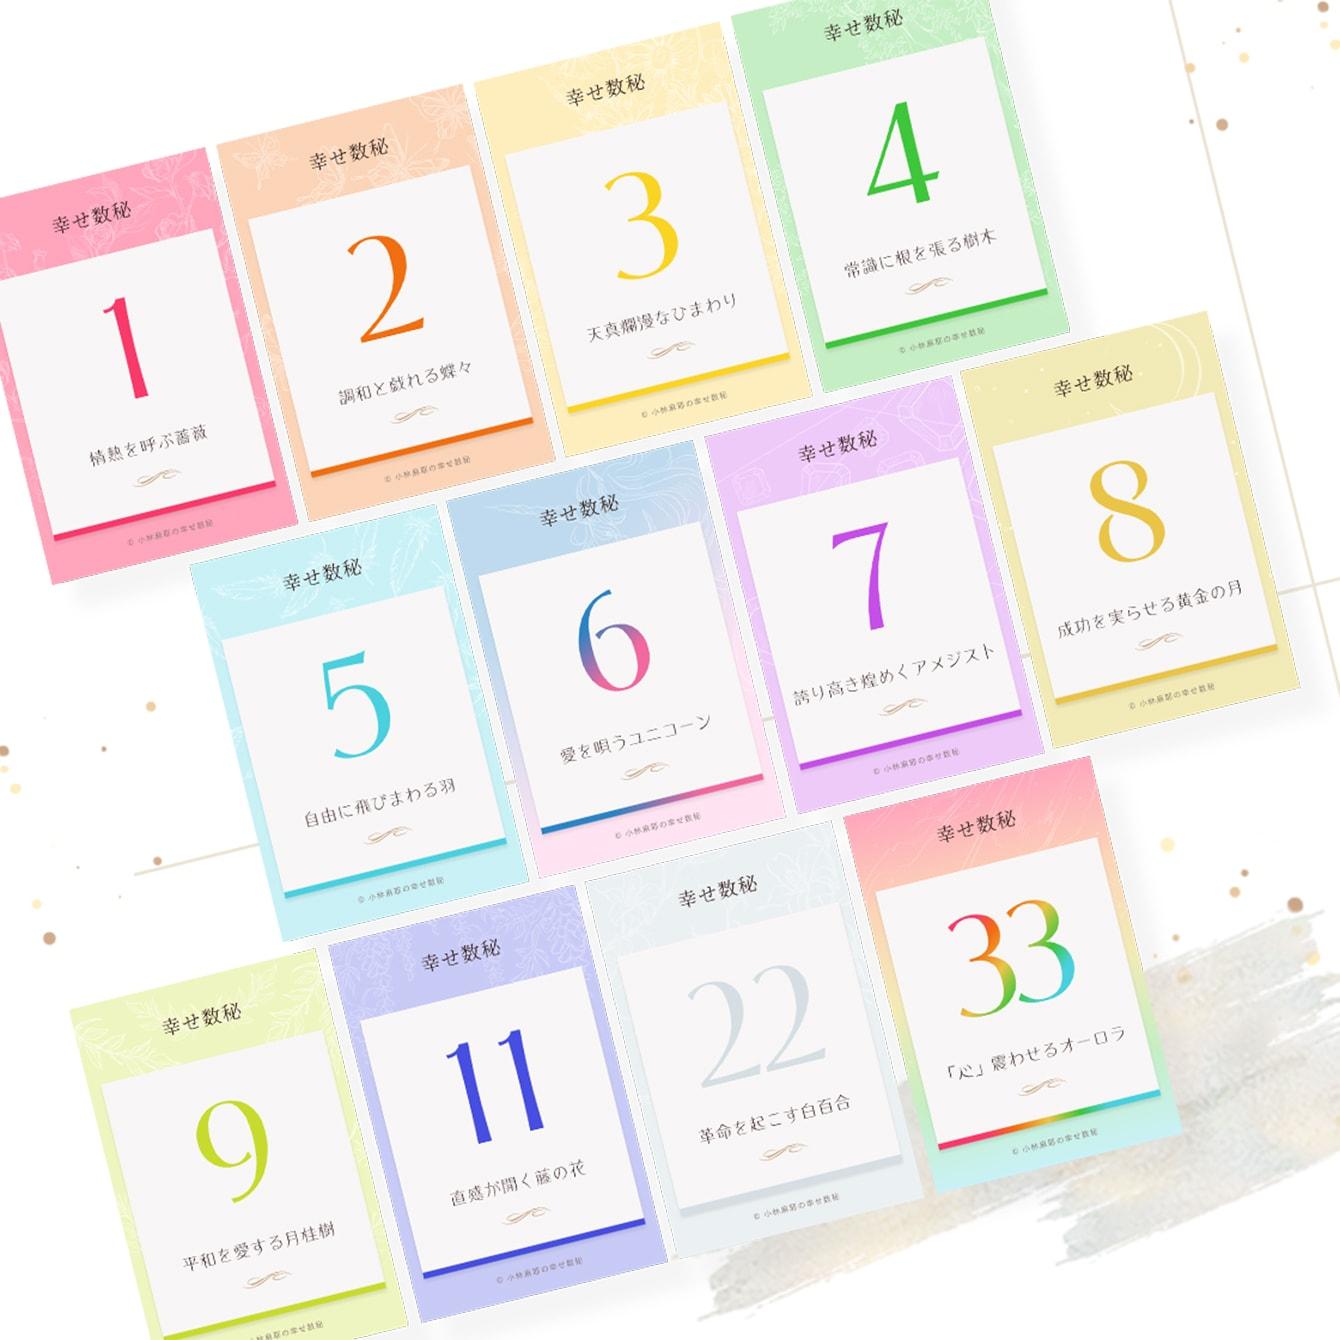 【小林麻耶さんが「数秘」で編集部員を診断】数字からわかる才能と能力